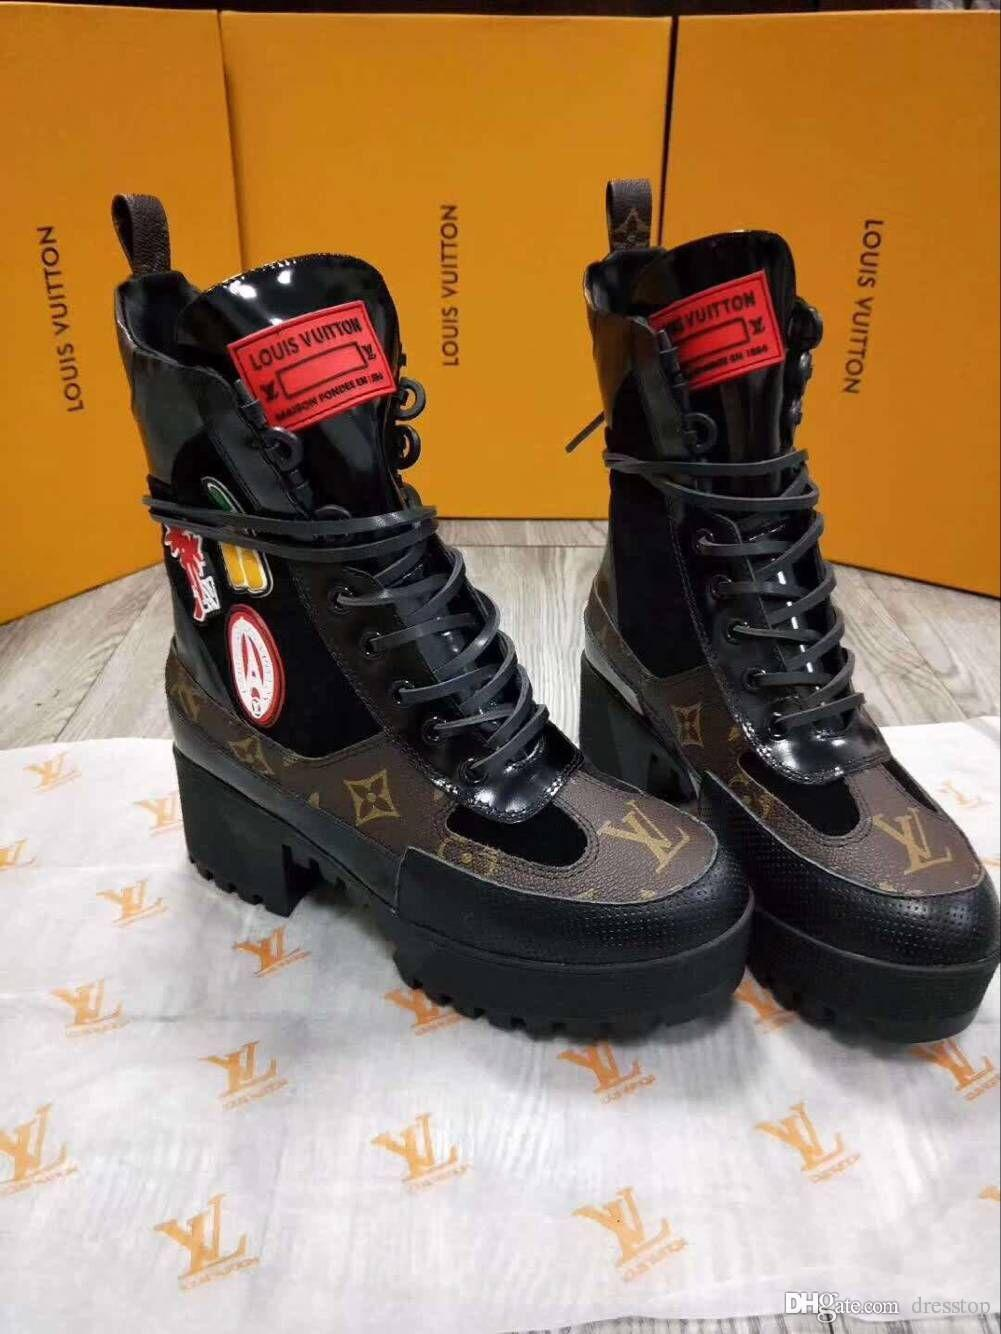 Acheter Luxe Rétro Ultra Bottes Femmes Chaussures Haute Qualité Bottes  Designer Chaussures Avec Nap Douce Automne Hiver Bottes Femmes Botte Plus  La Taille ... 559ed0faa4d